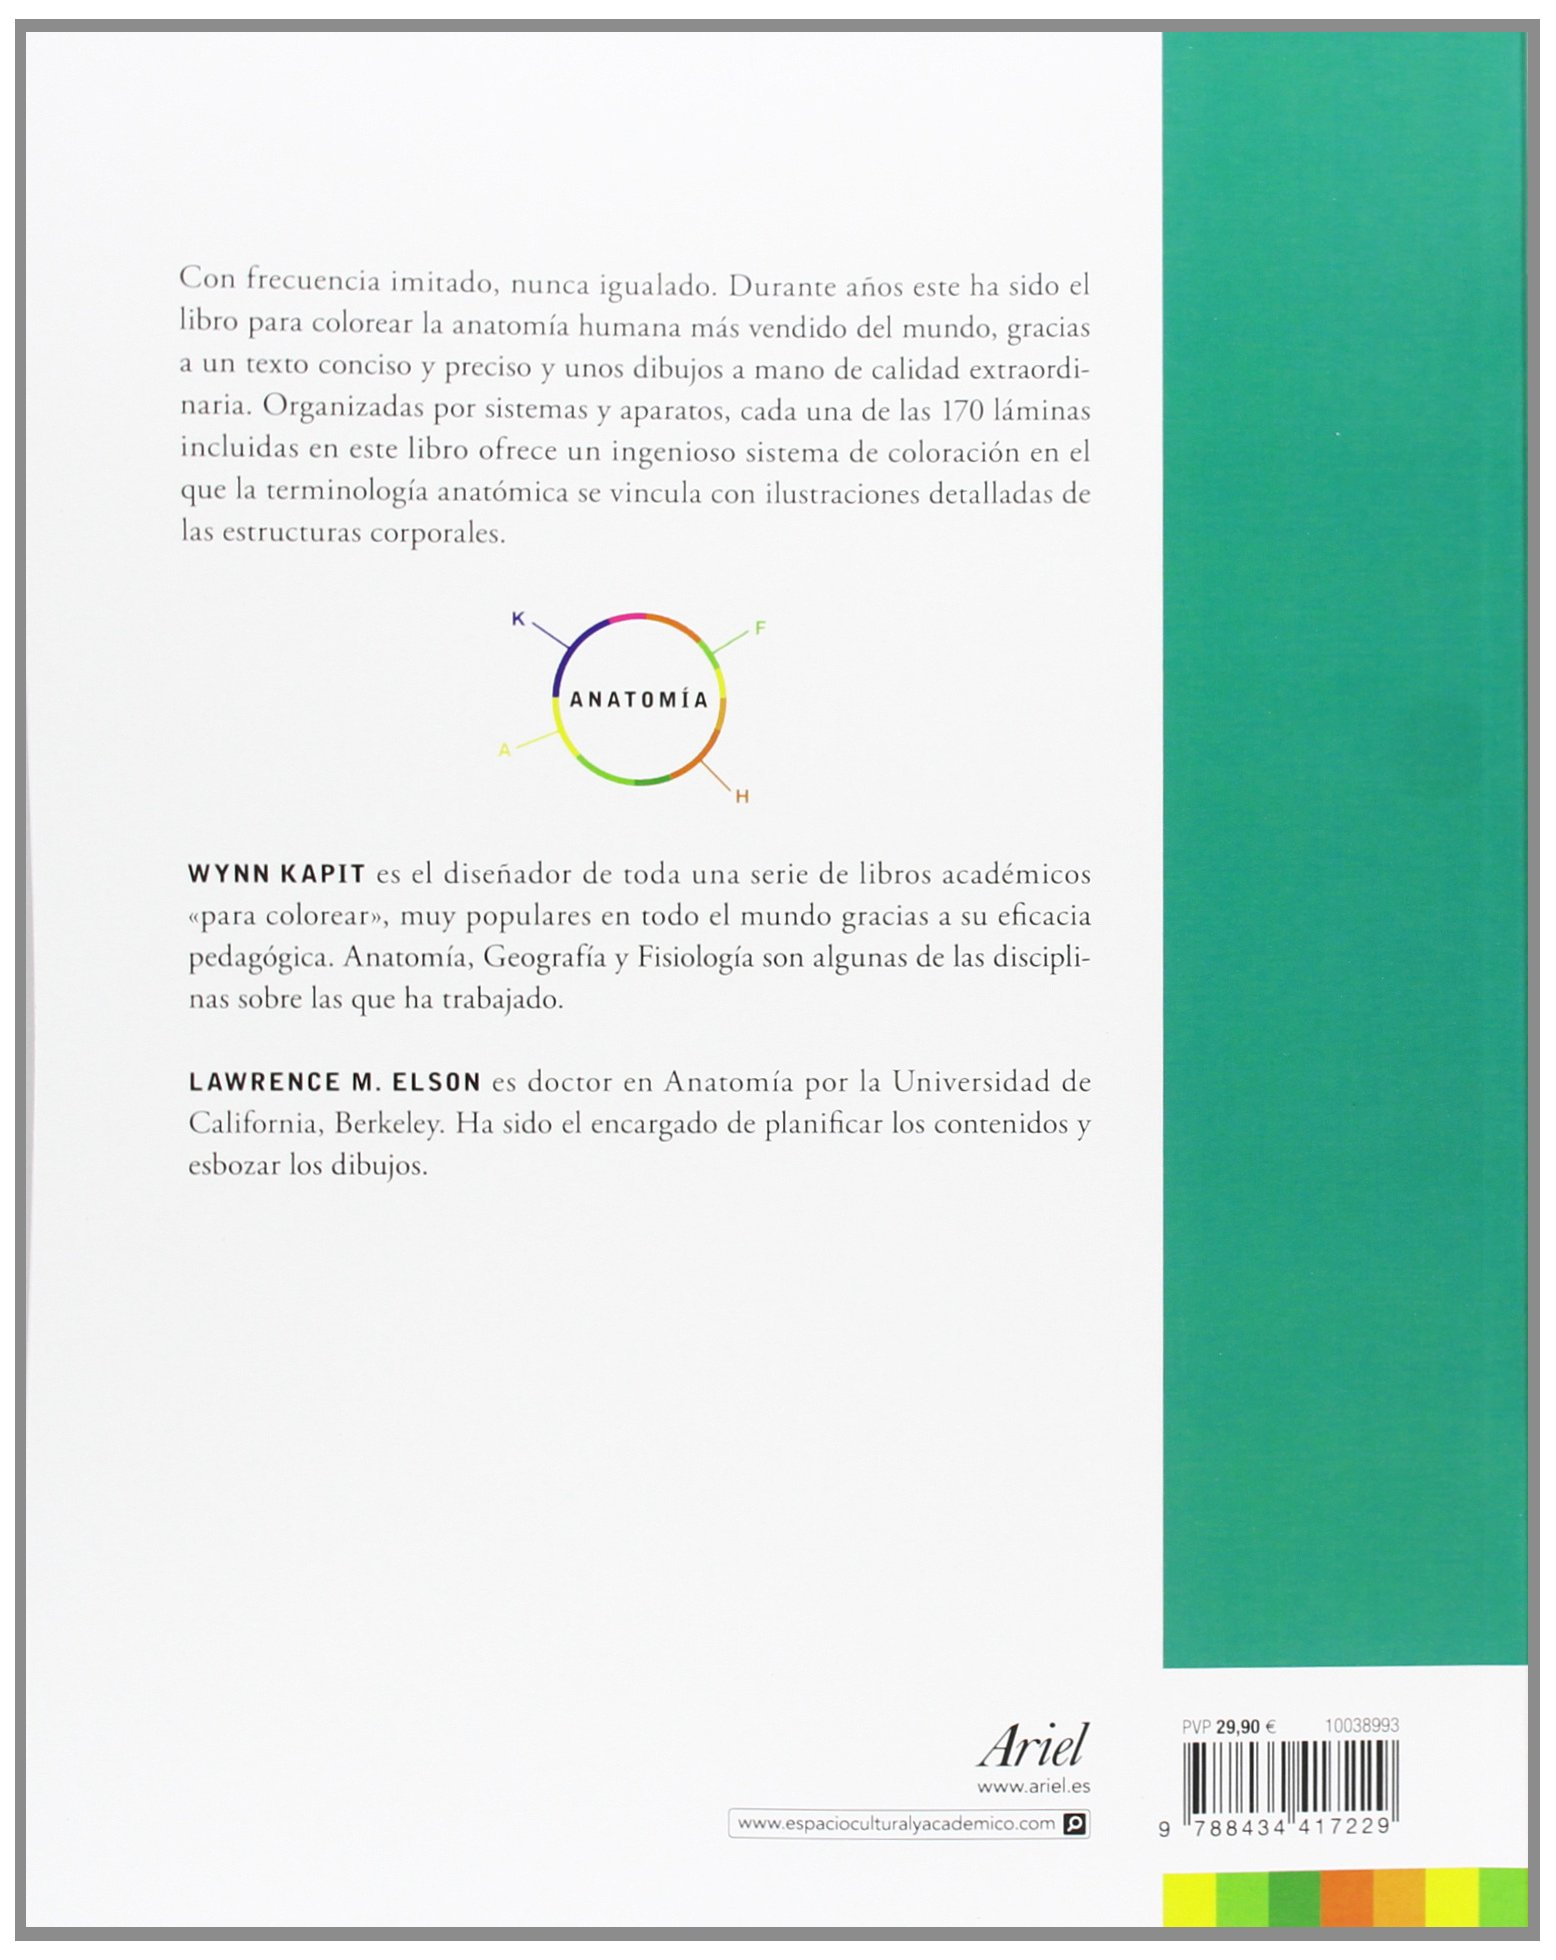 Anatomía. Libro de trabajo (Ariel): Amazon.es: Wynn Kapit, Lawrence ...